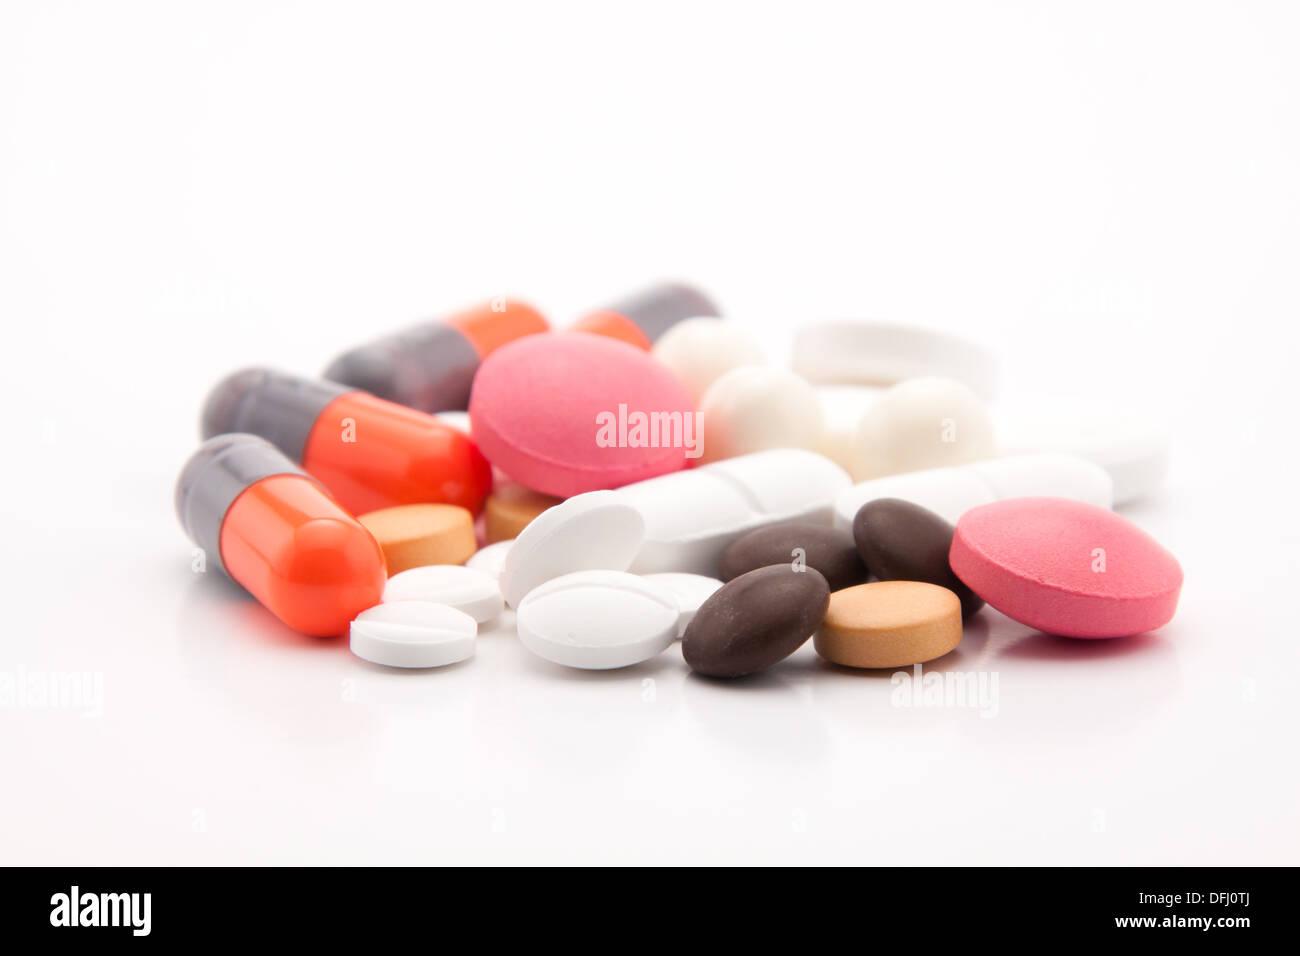 Pilules colorées sur fond blanc Photo Stock